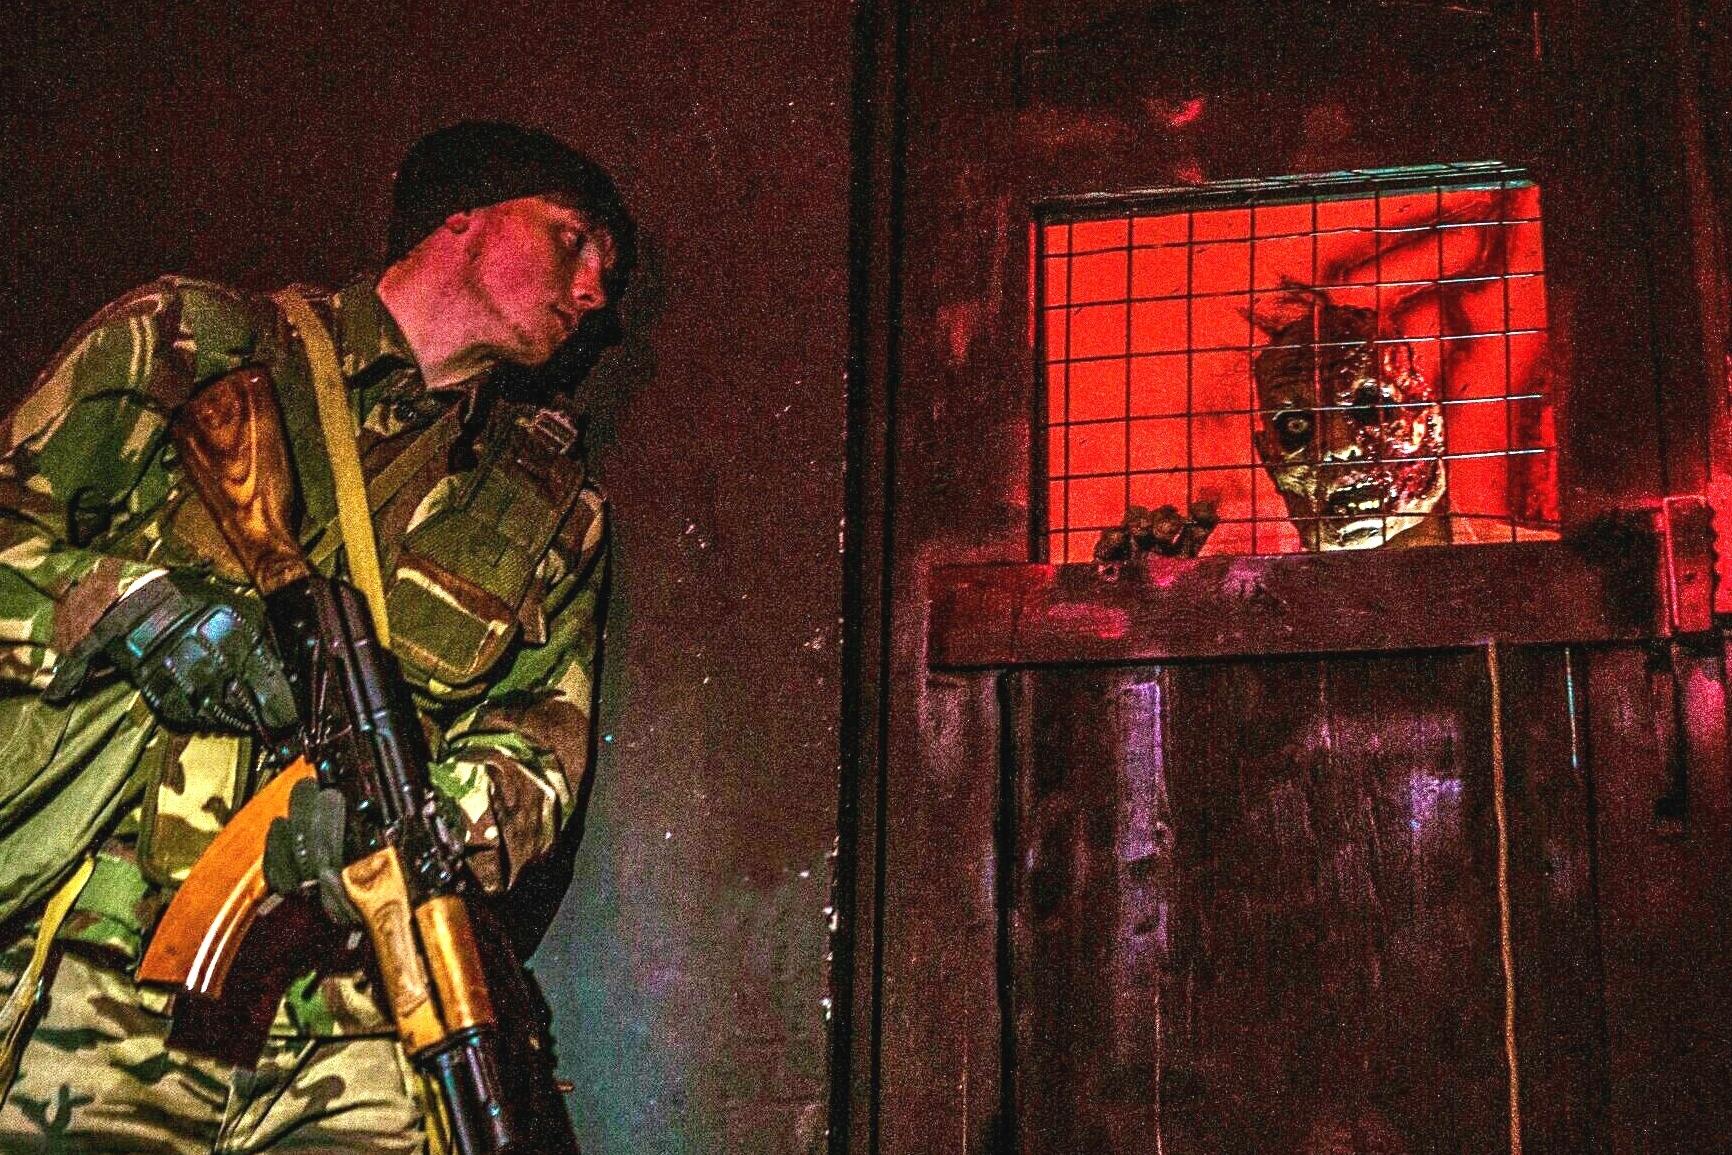 Бункер с тварями: квест научных ужасов открылся в Новосибирске